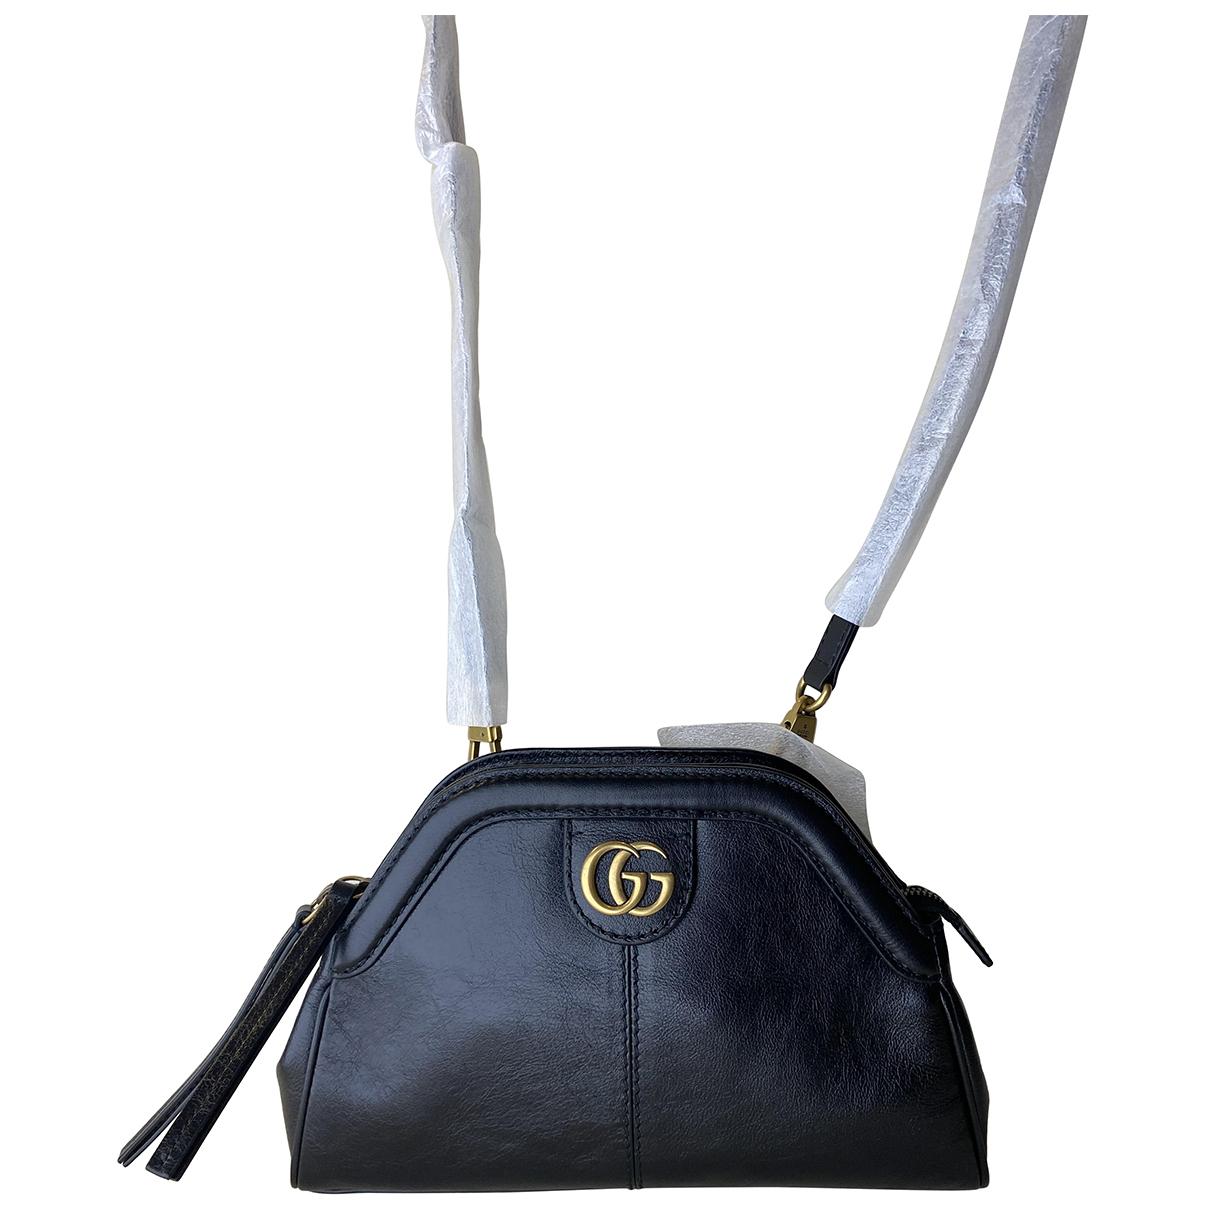 Gucci - Sac a main Re(belle) pour femme en cuir - noir